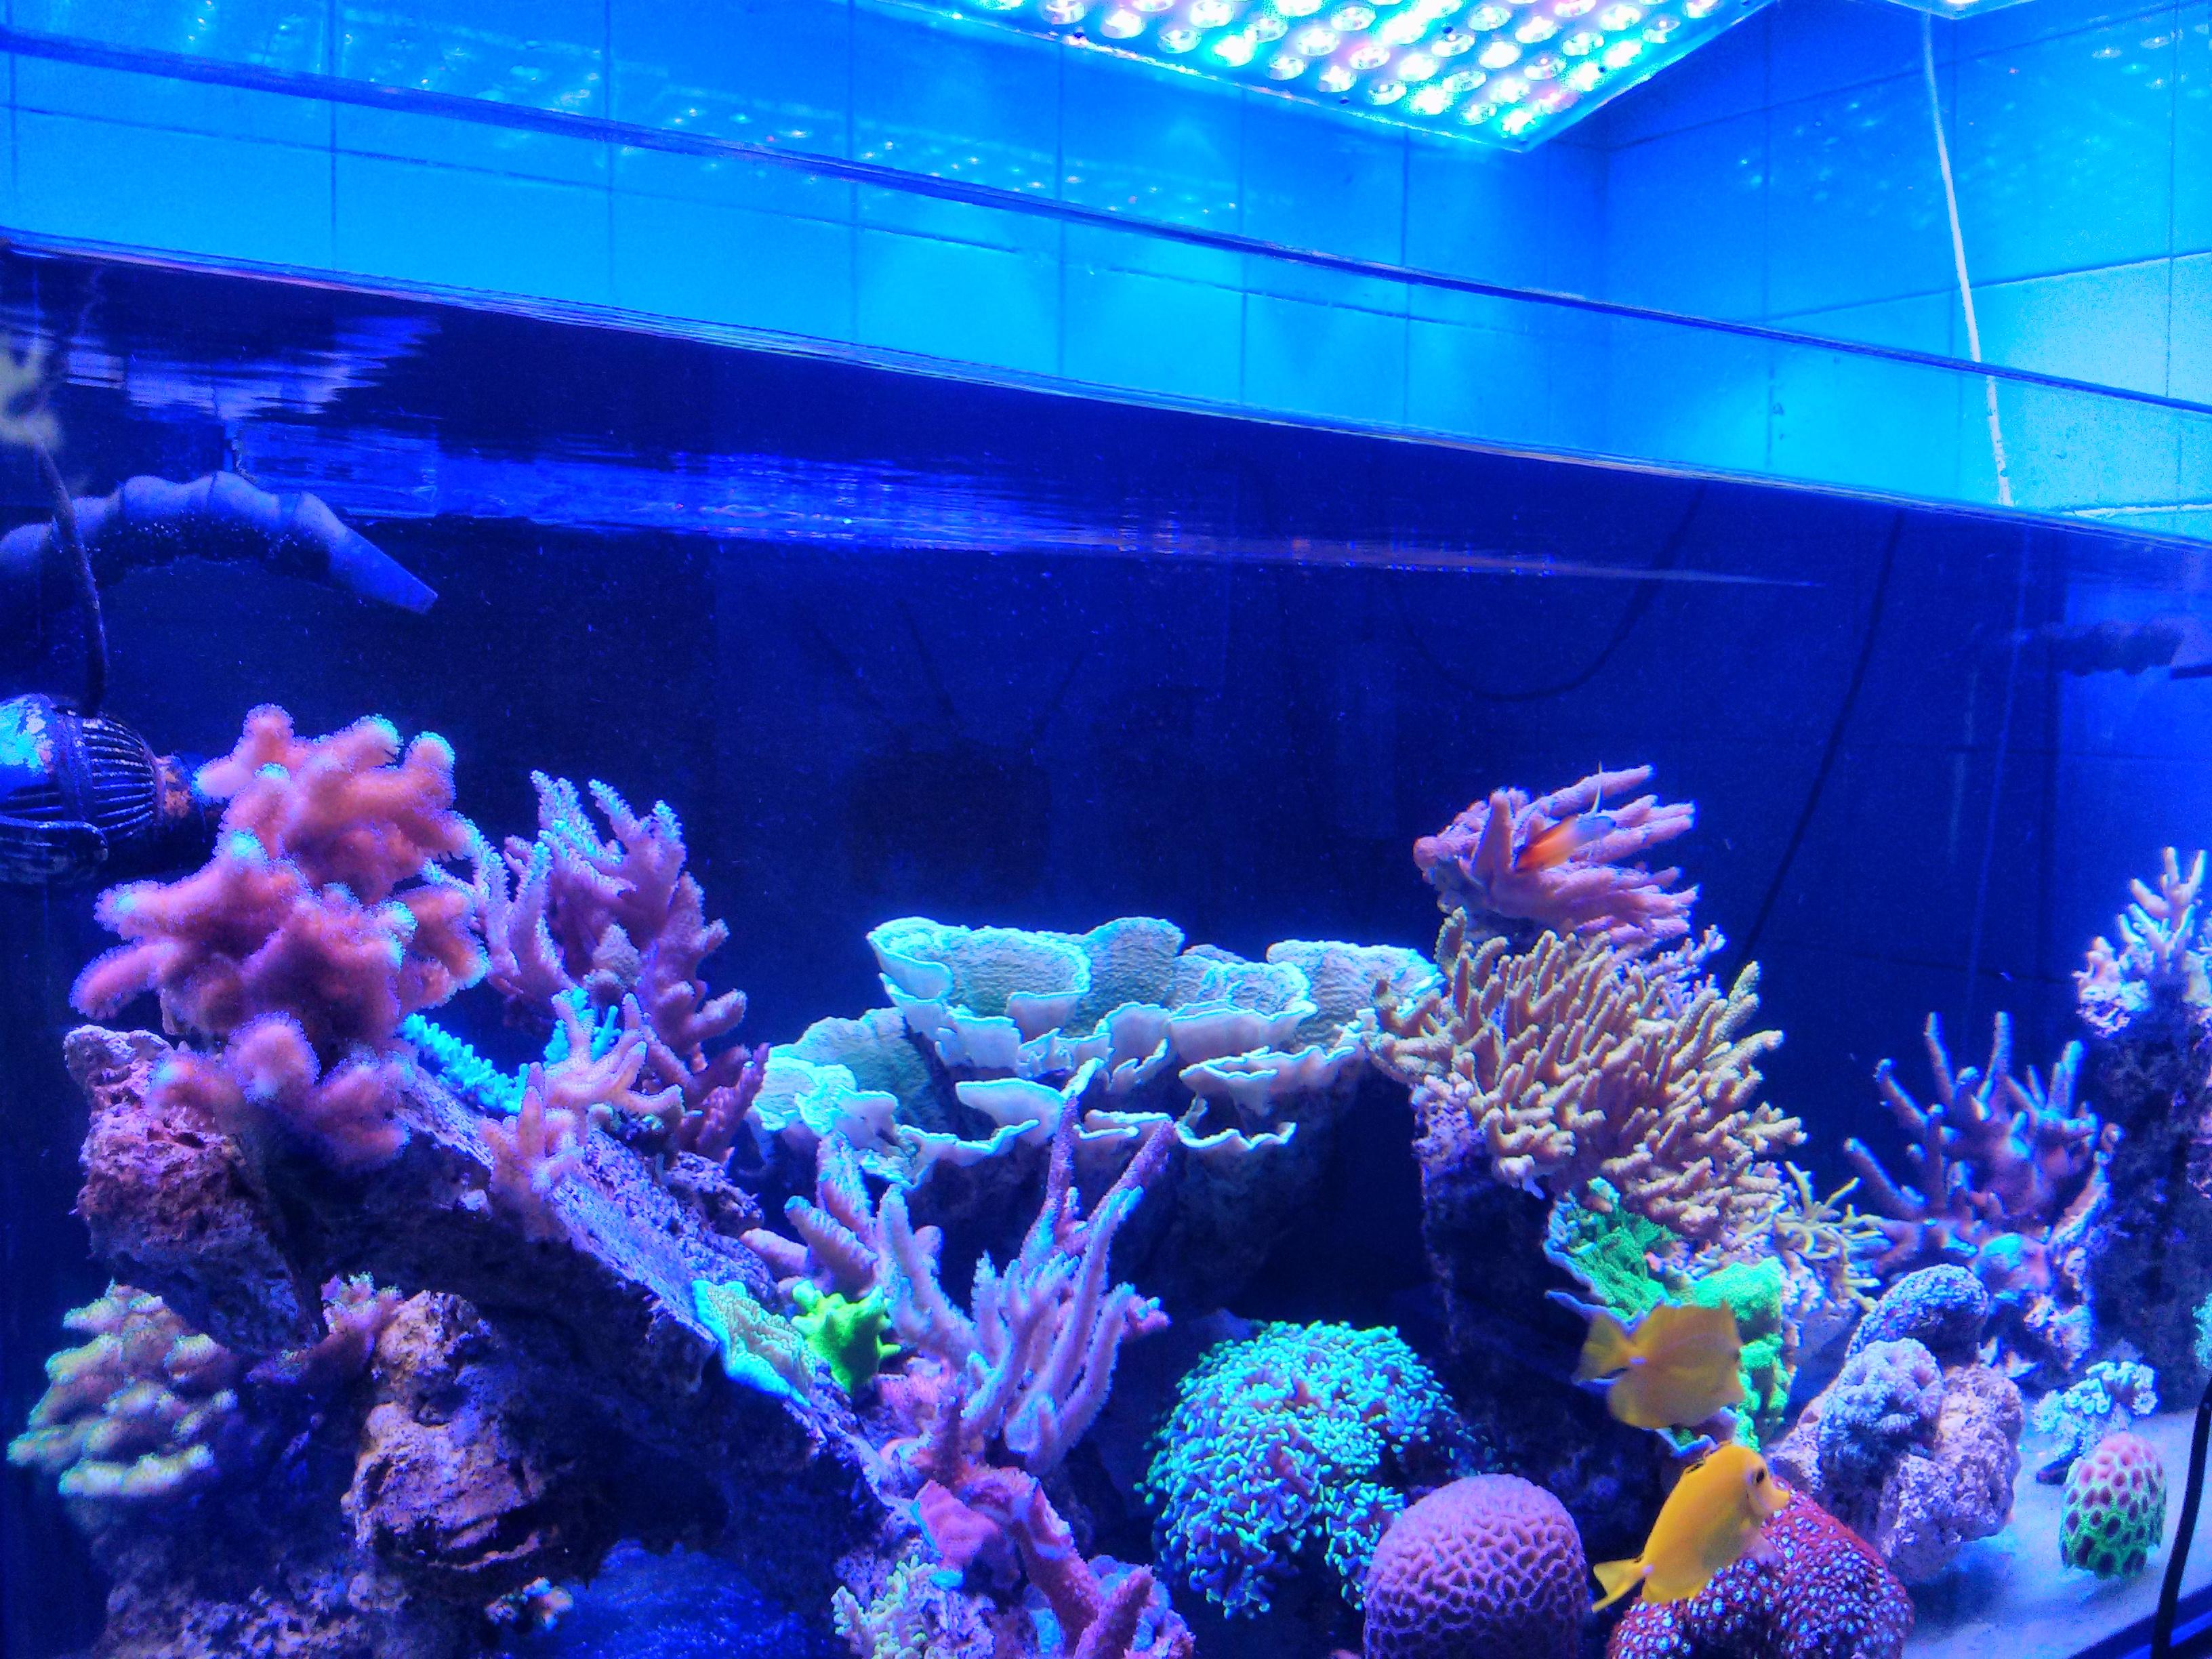 Par acquario di illuminazione a led orphek dell 39 acquario for Acquario a colonna